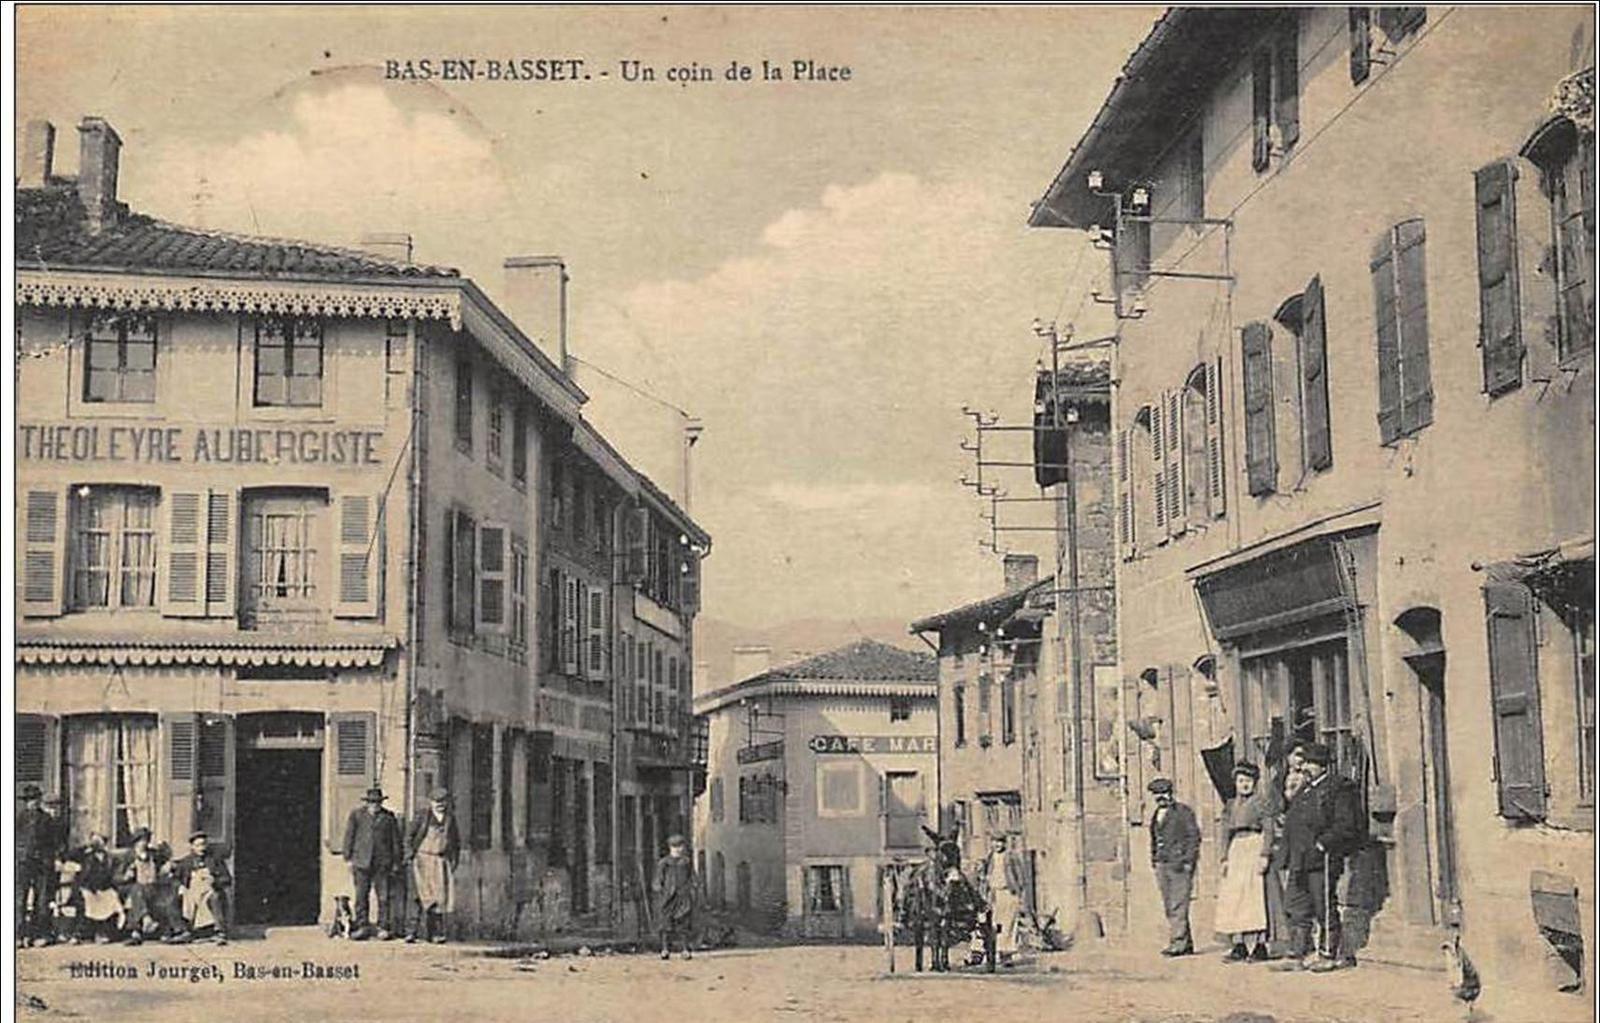 Il était une fois Bas en Basset